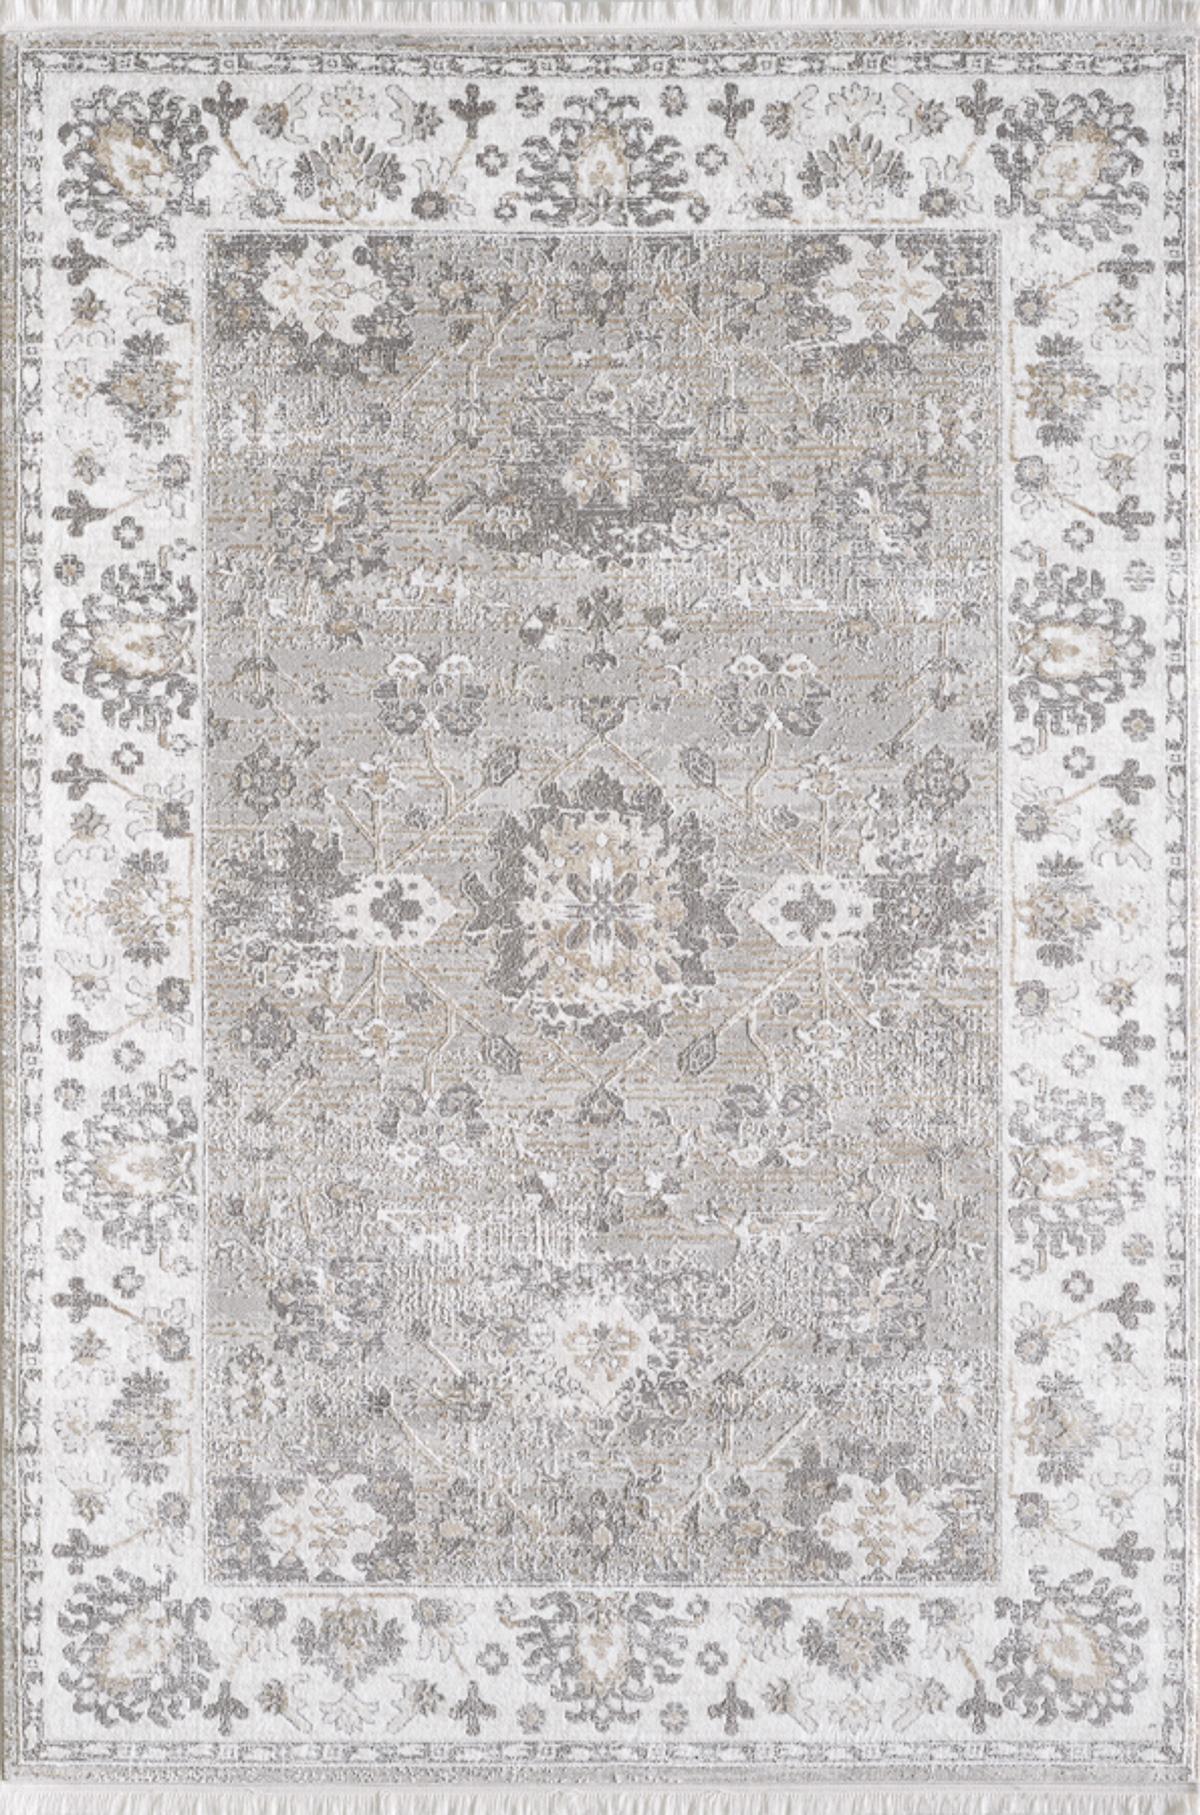 Tapis vintage motif fleuris avec franges beige 120x170